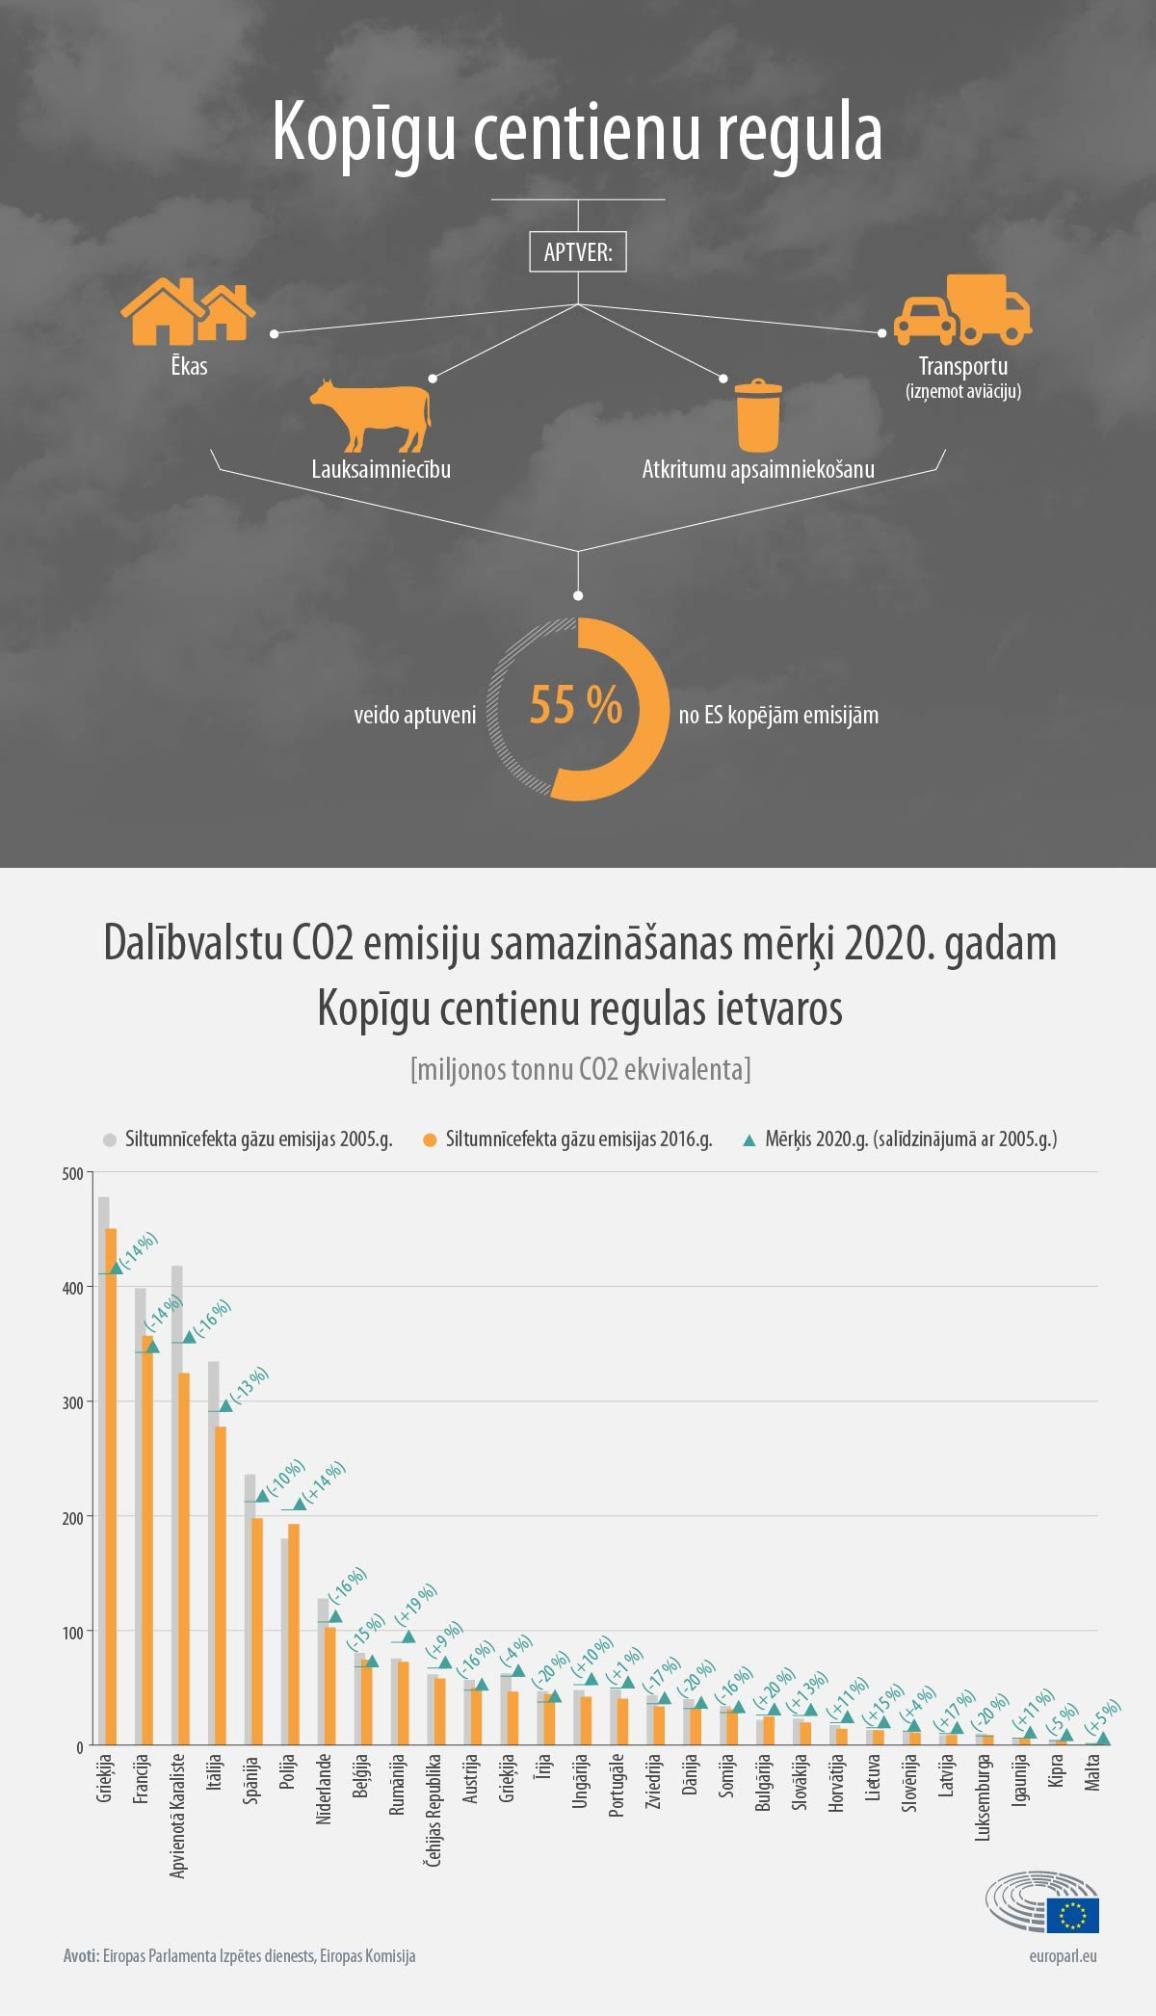 Infografika: Nacionālie mērķi CO2 emisiju samazināšanai ES dalībvalstīs.